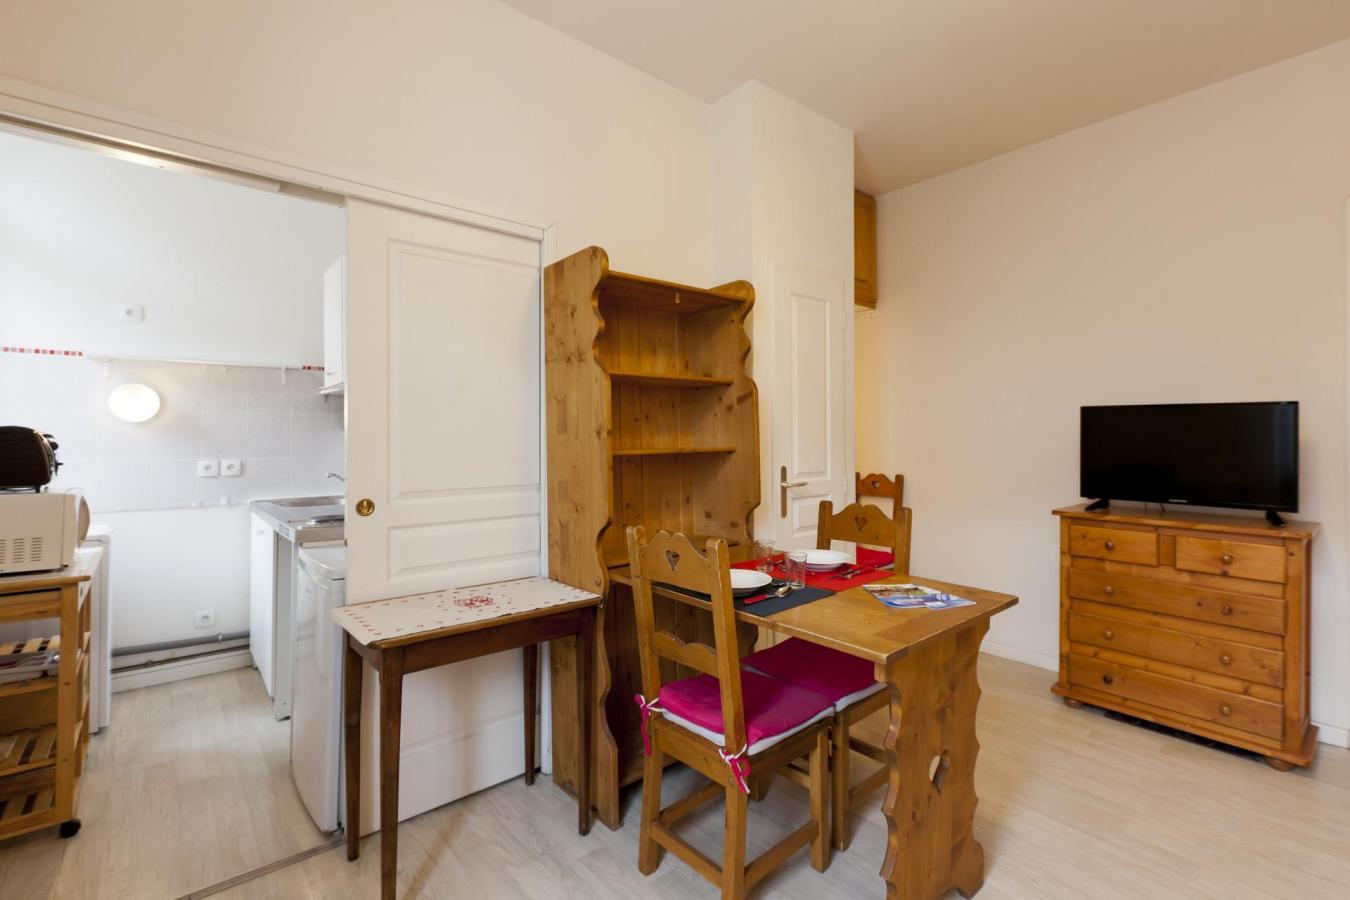 Location au ski Studio 2 personnes (8) - Residence Acquadora - Brides Les Bains - Douche